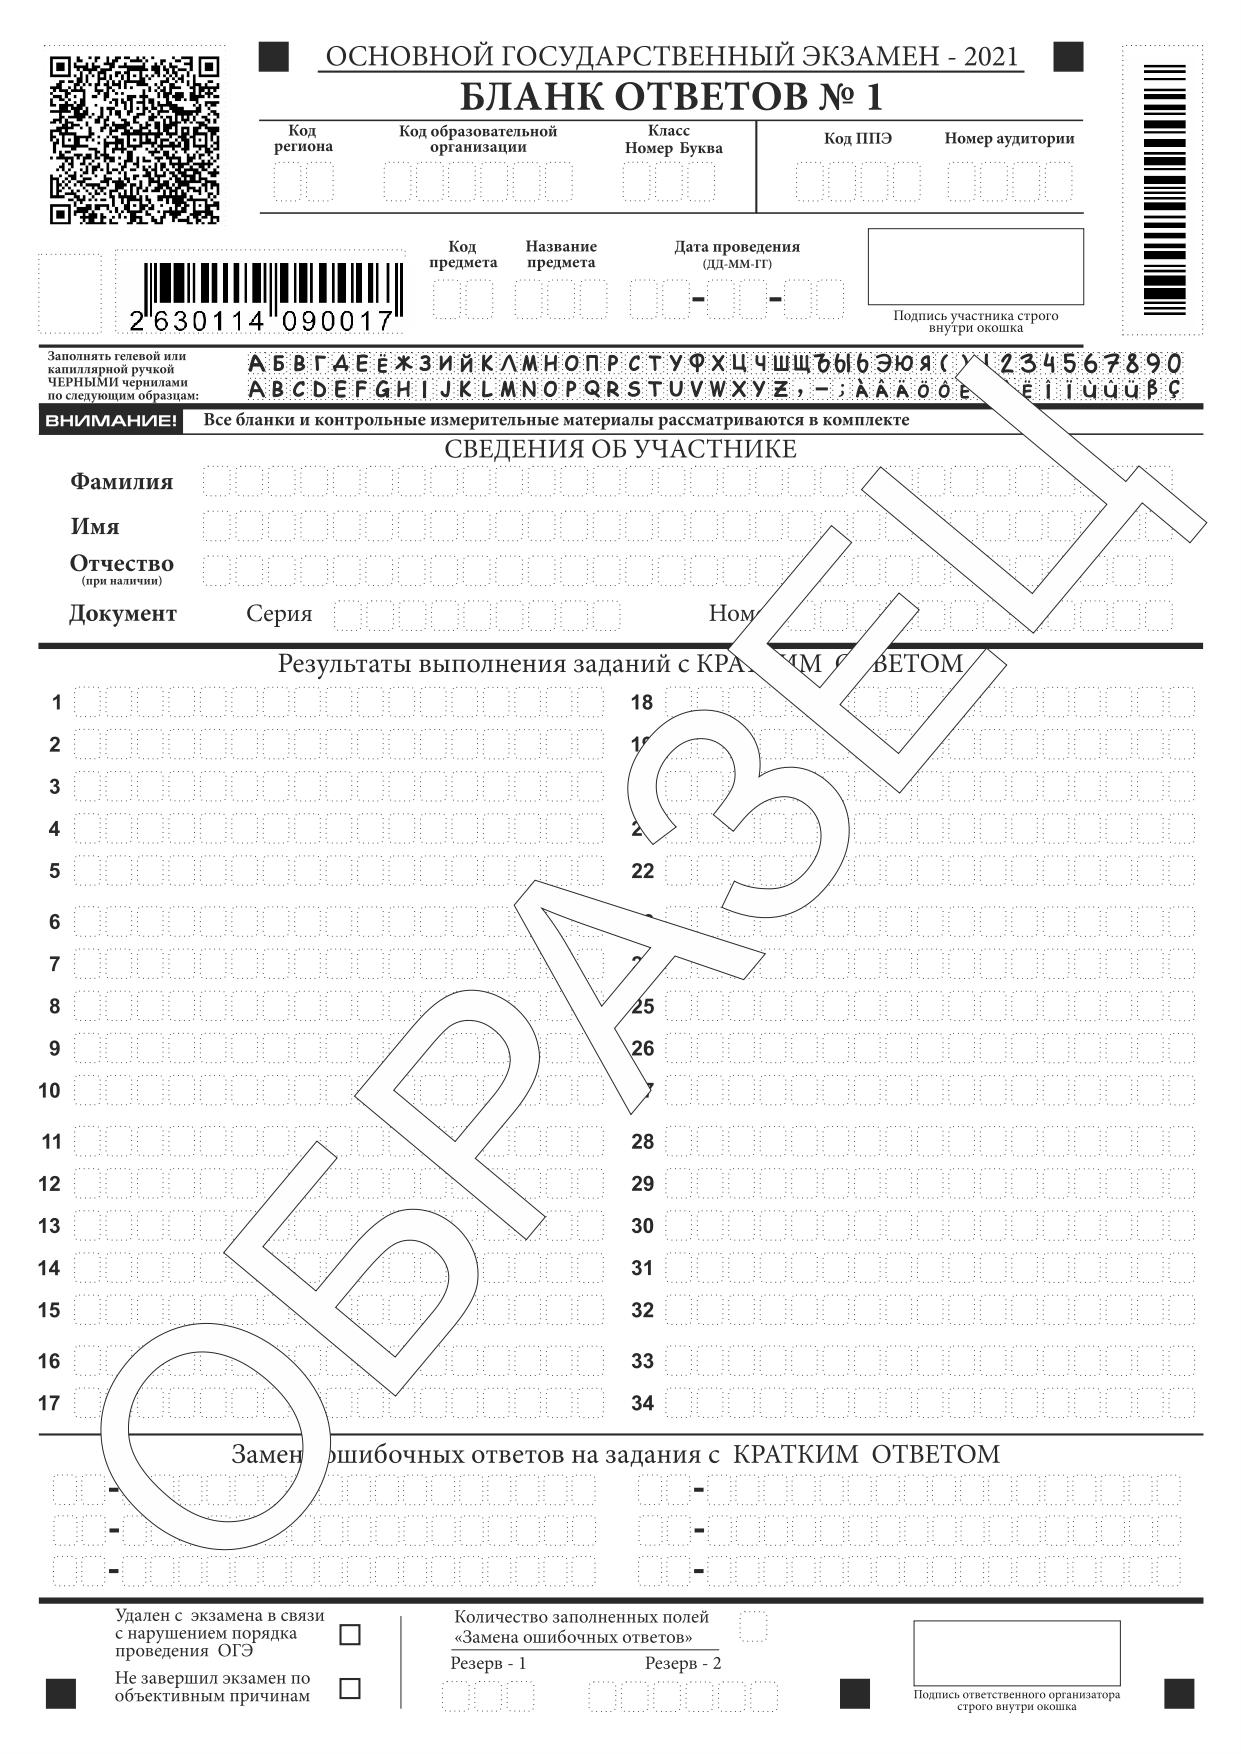 Бланки ОГЭ полный комплект чб 2021 версия 1.10_образец_page-0001